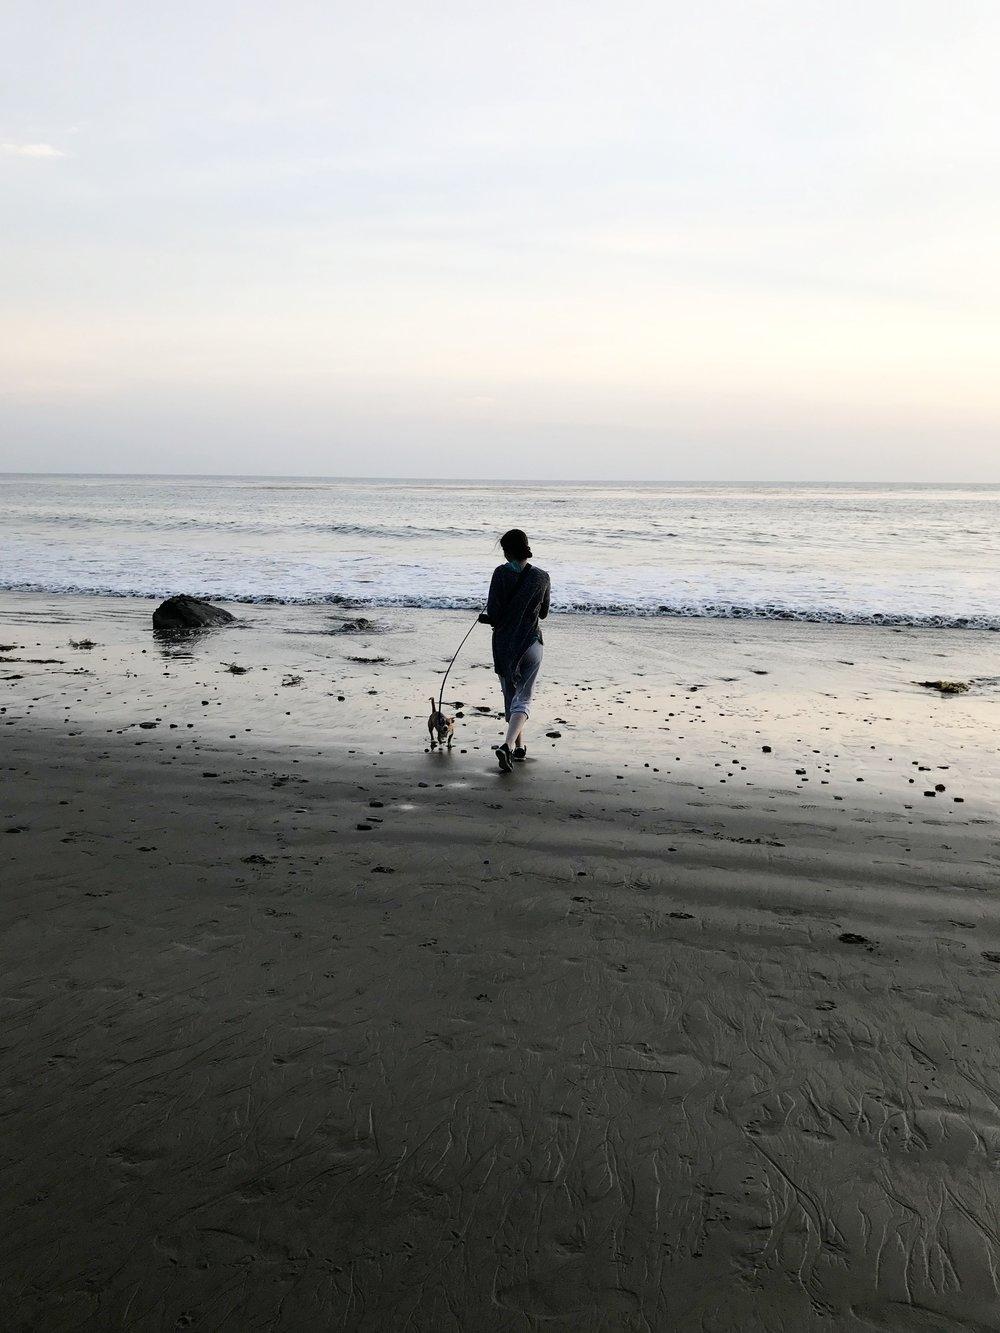 Beach_Stroll_Chiweenie